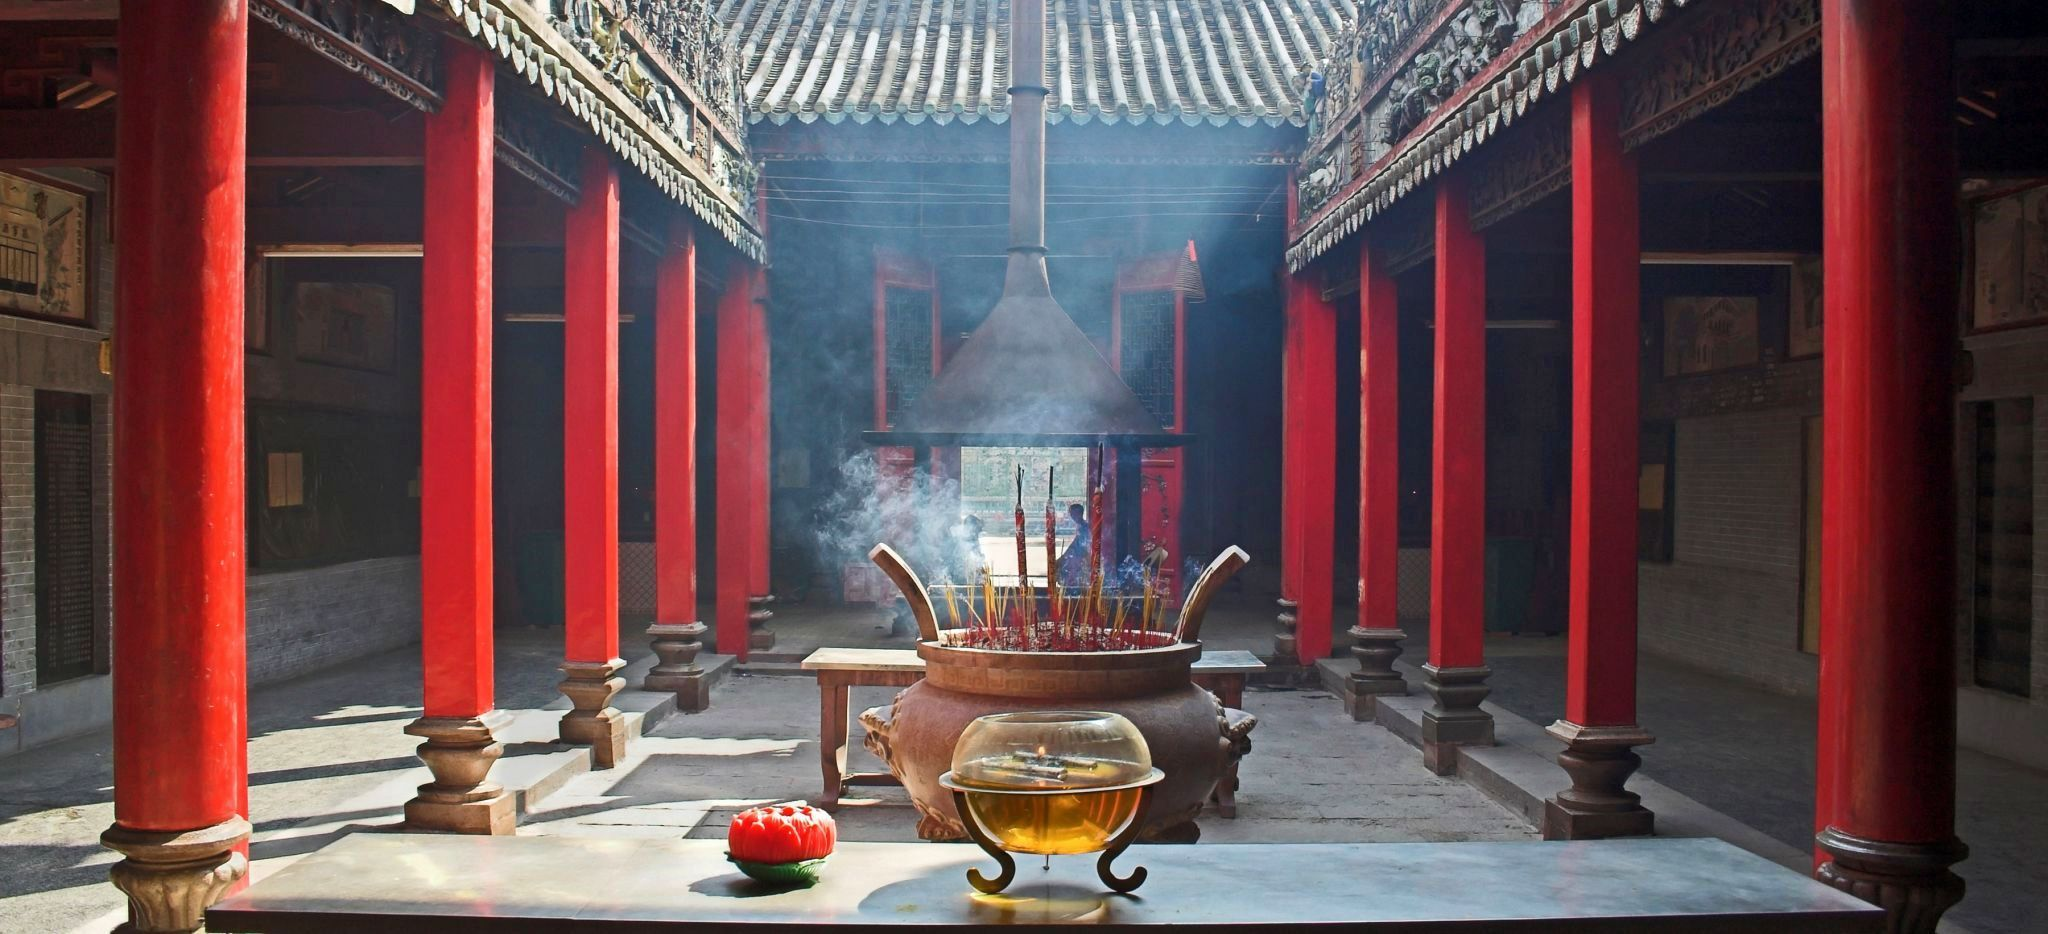 Tempel mit roten Säulen, druchflutet vom Rauch von Räucherstäbchen